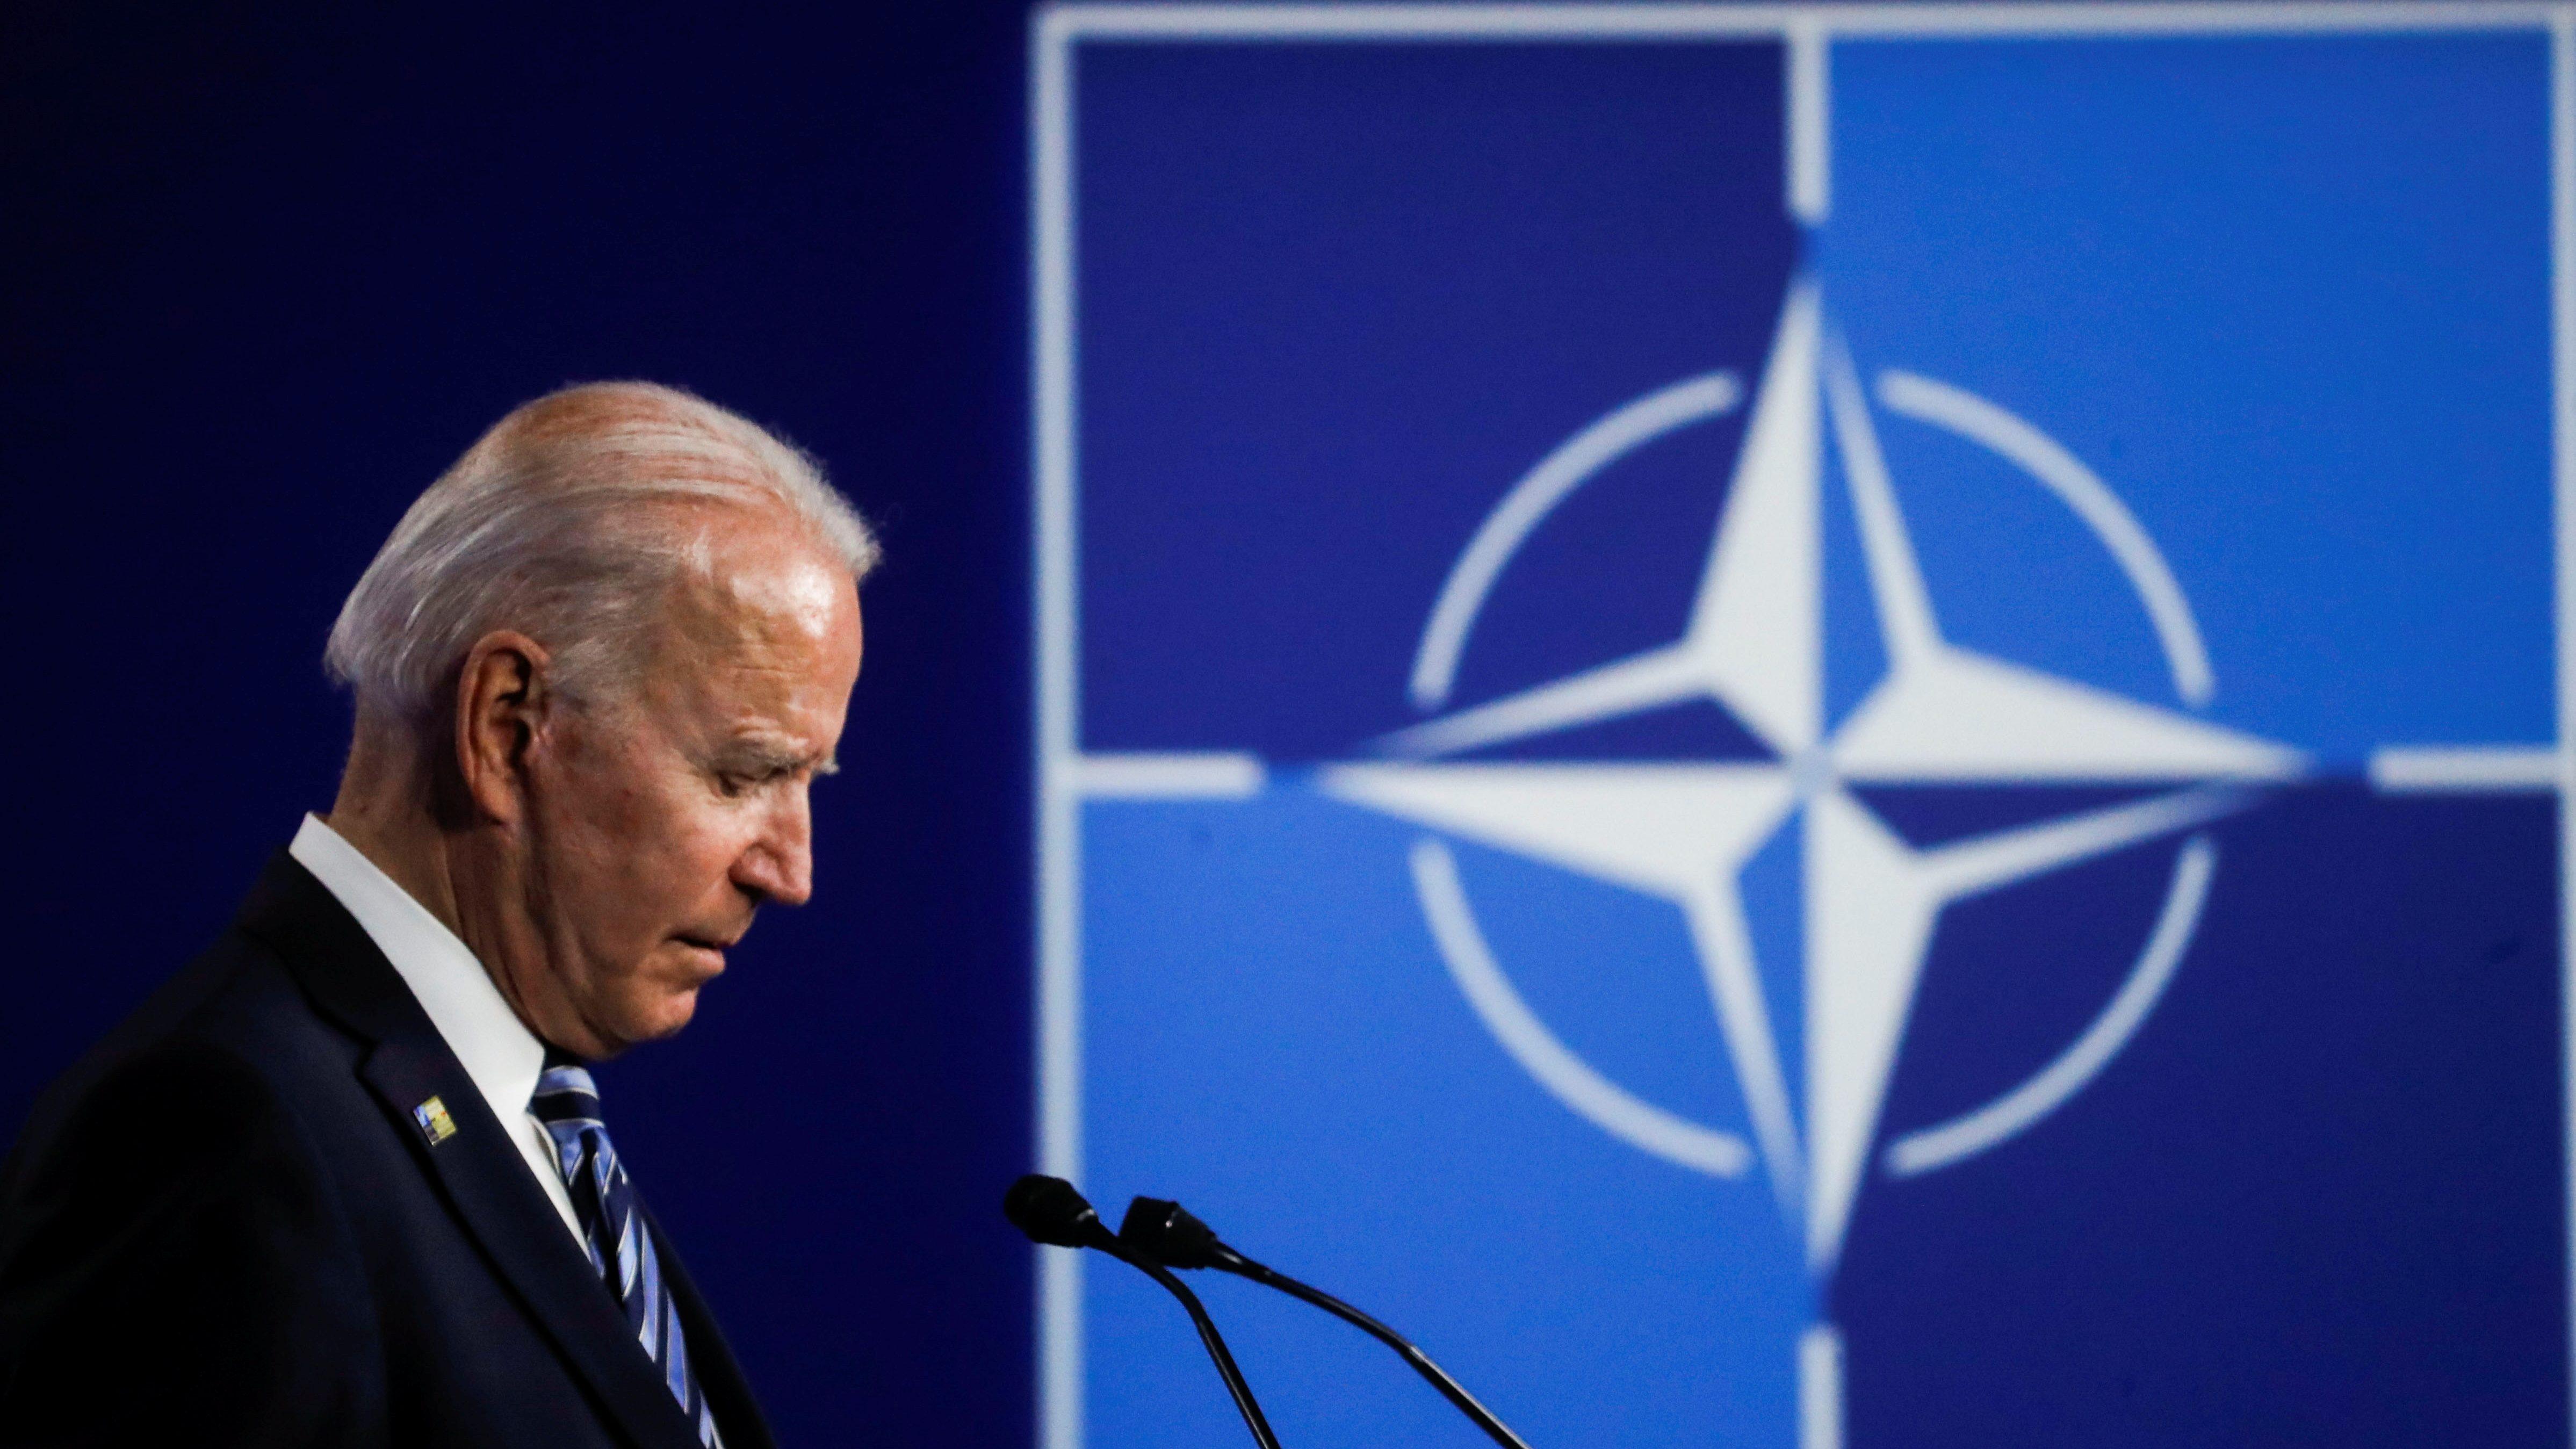 Joe Biden speaks by a NATO sign